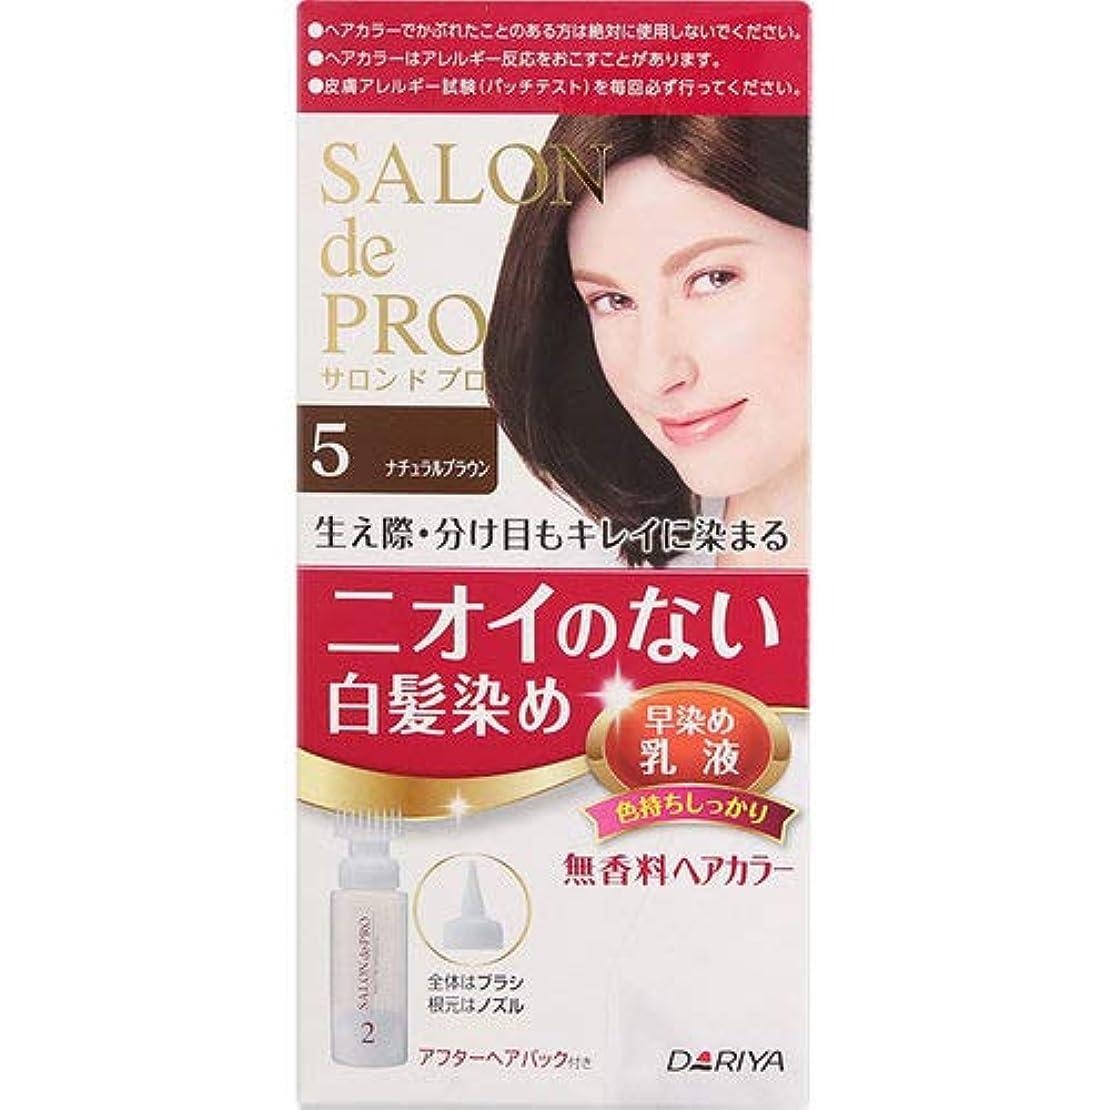 広告主現代の立派なサロンドプロ無香料ヘアカラー早染め乳液5(ナチュラルブラウン)